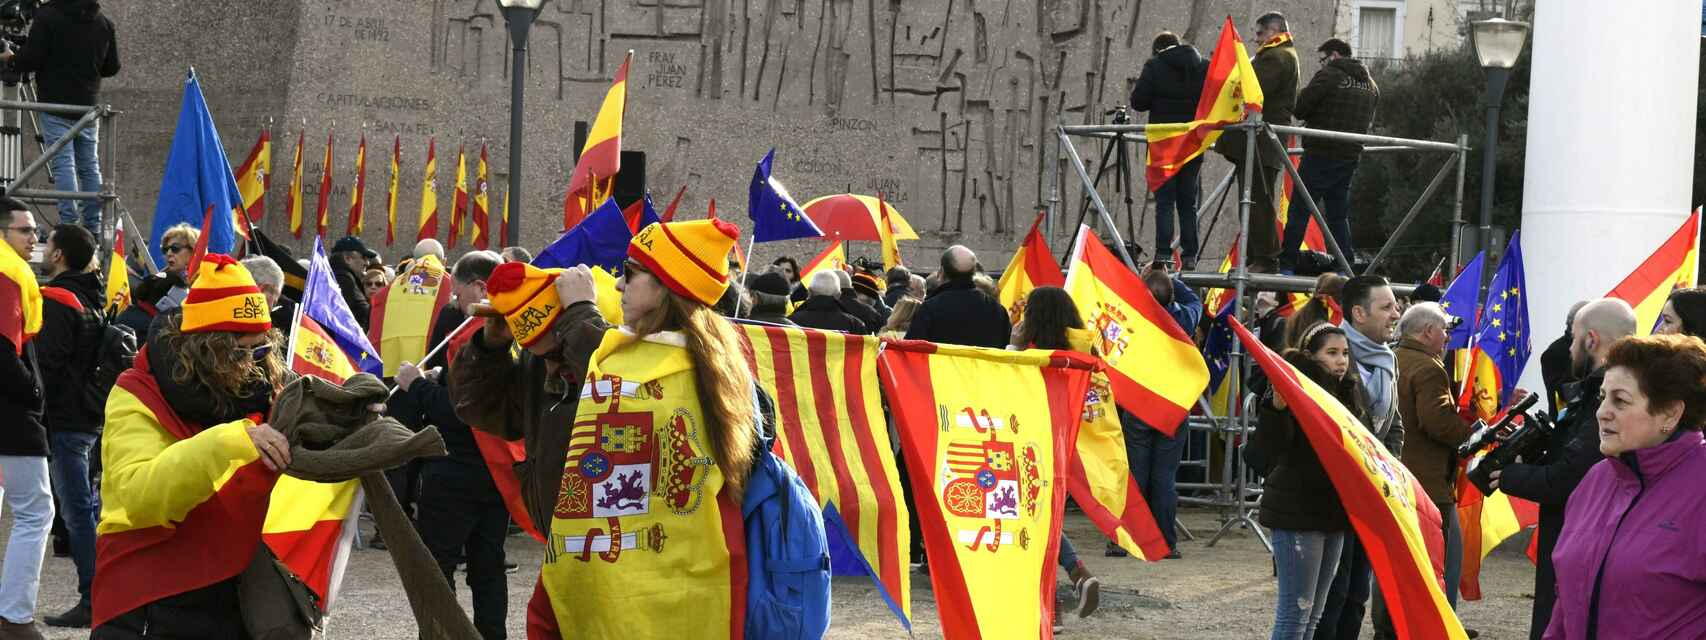 Manifestantes con banderas catalanas, españolas y europeas horas antes del inicio de la concentración en Colón.